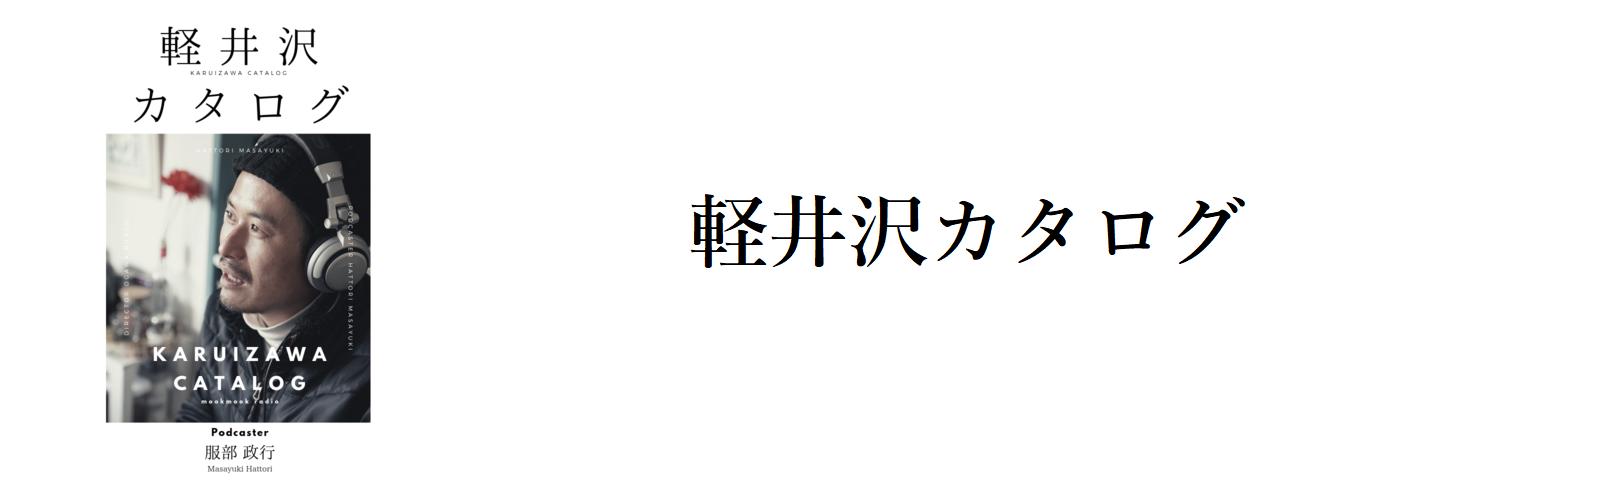 軽井沢カタログ